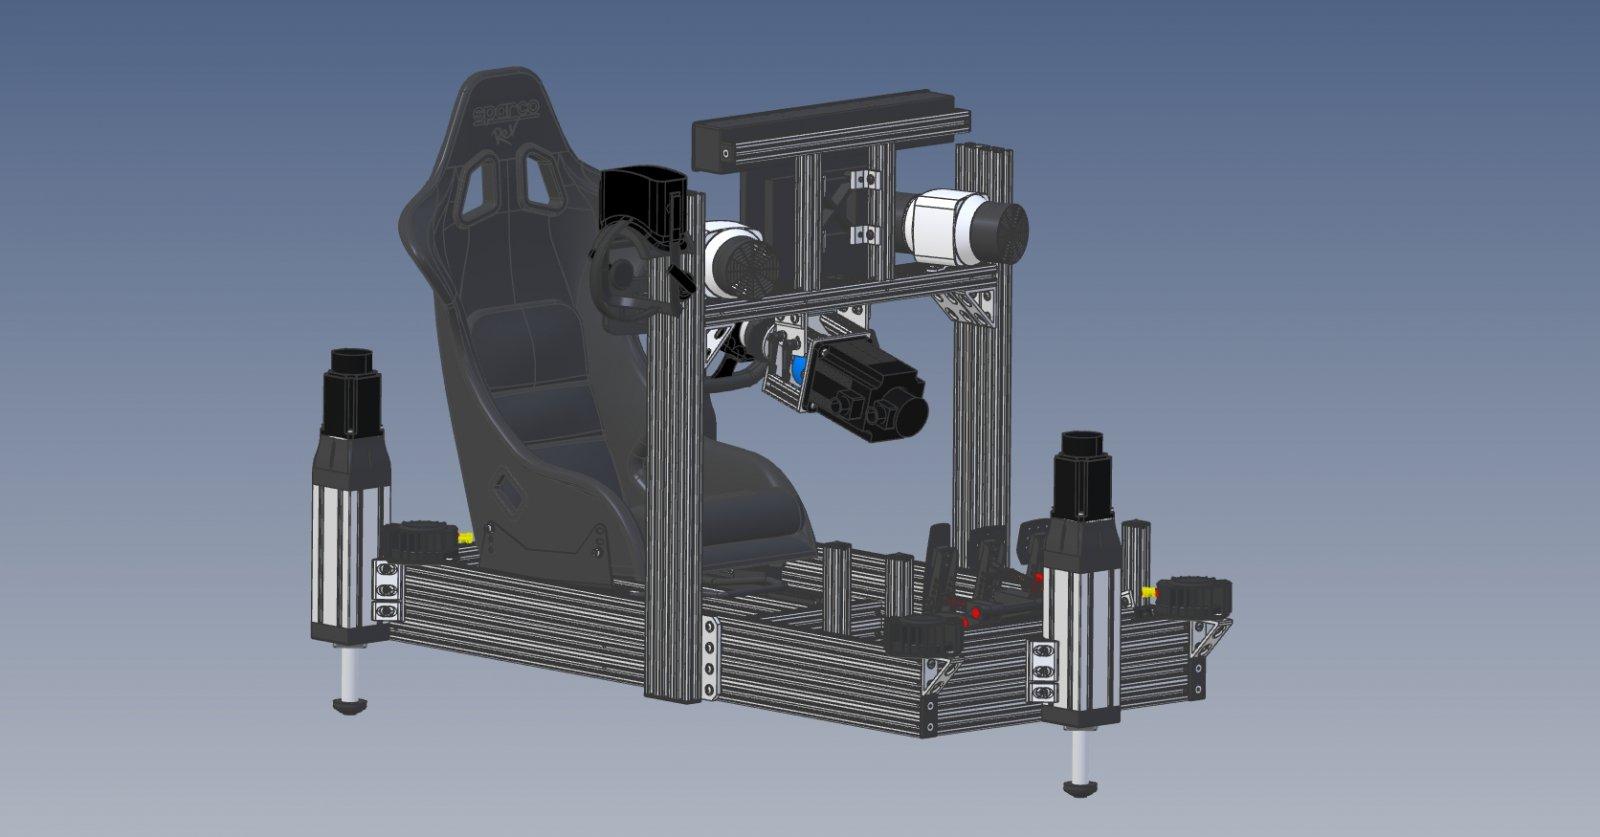 Racing Simulator 2020 5-28-20 4.jpg